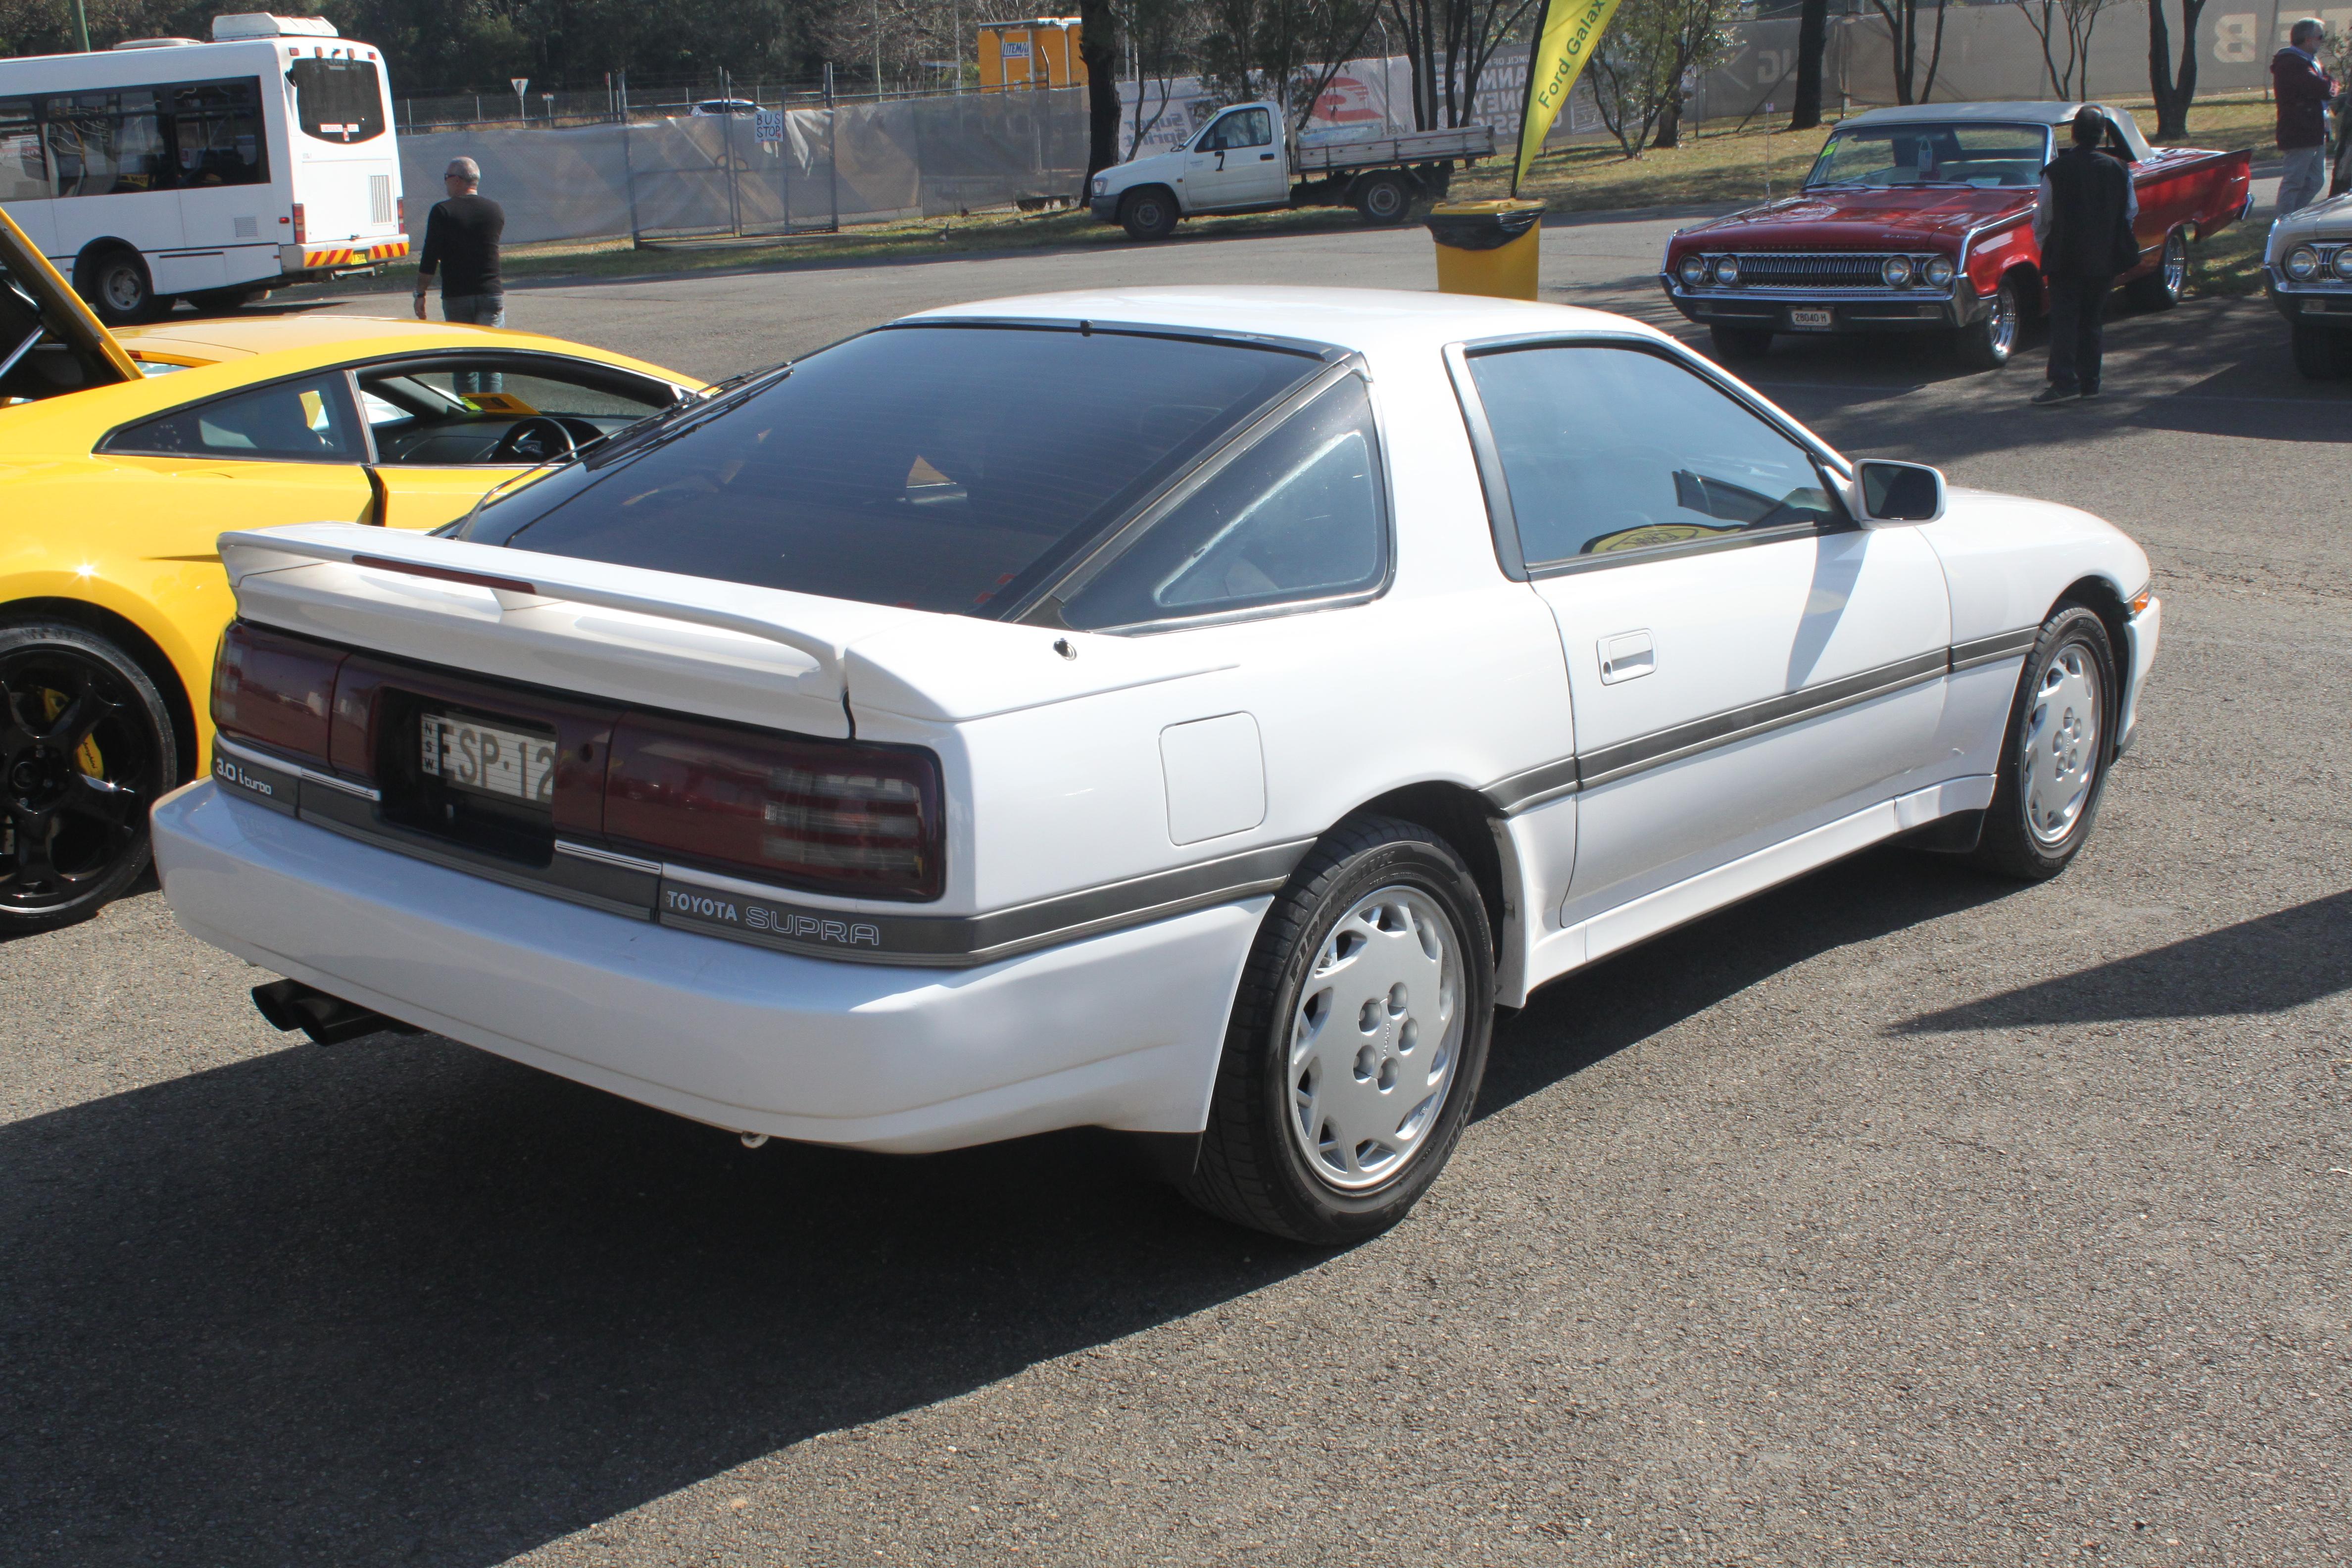 Kelebihan Toyota Supra 1988 Murah Berkualitas